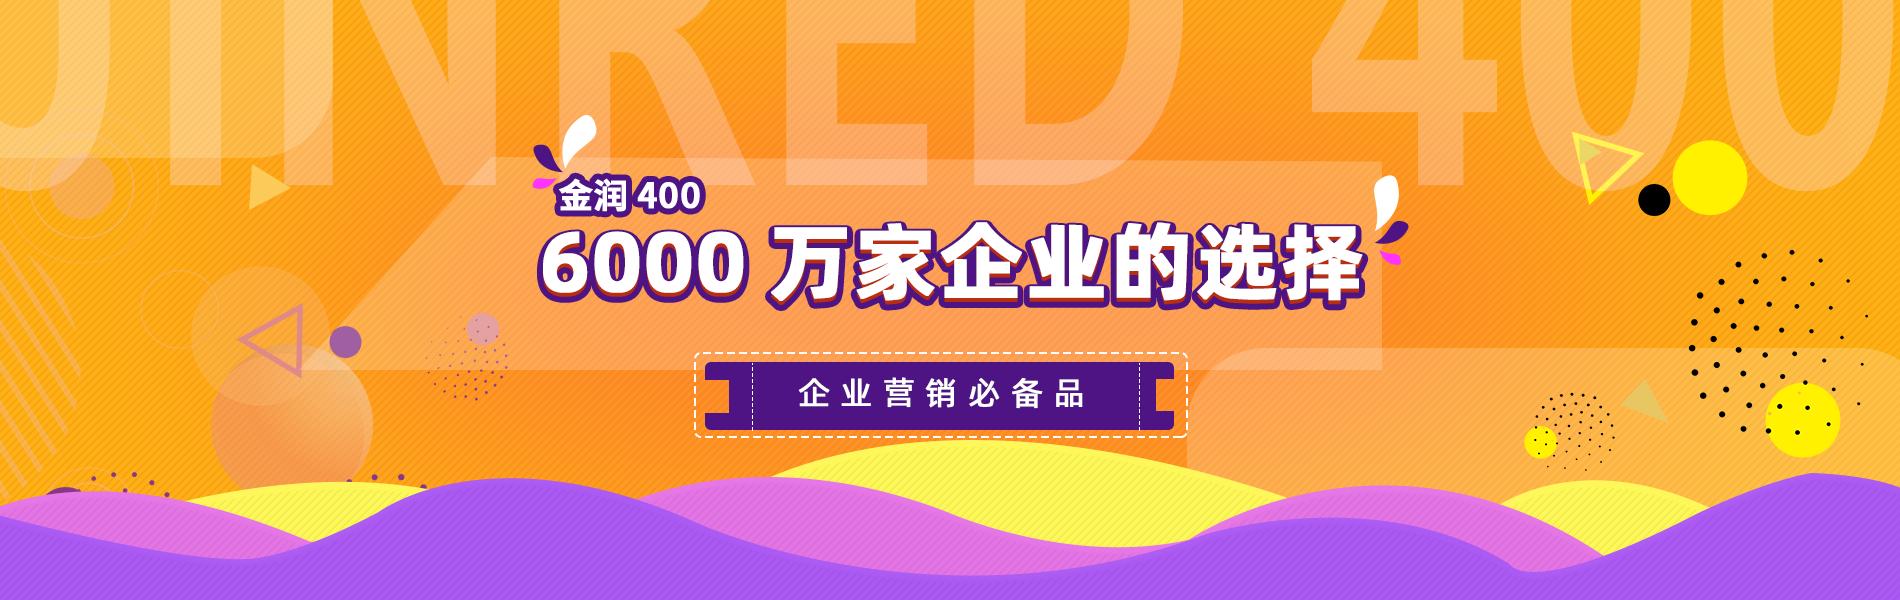 400定制